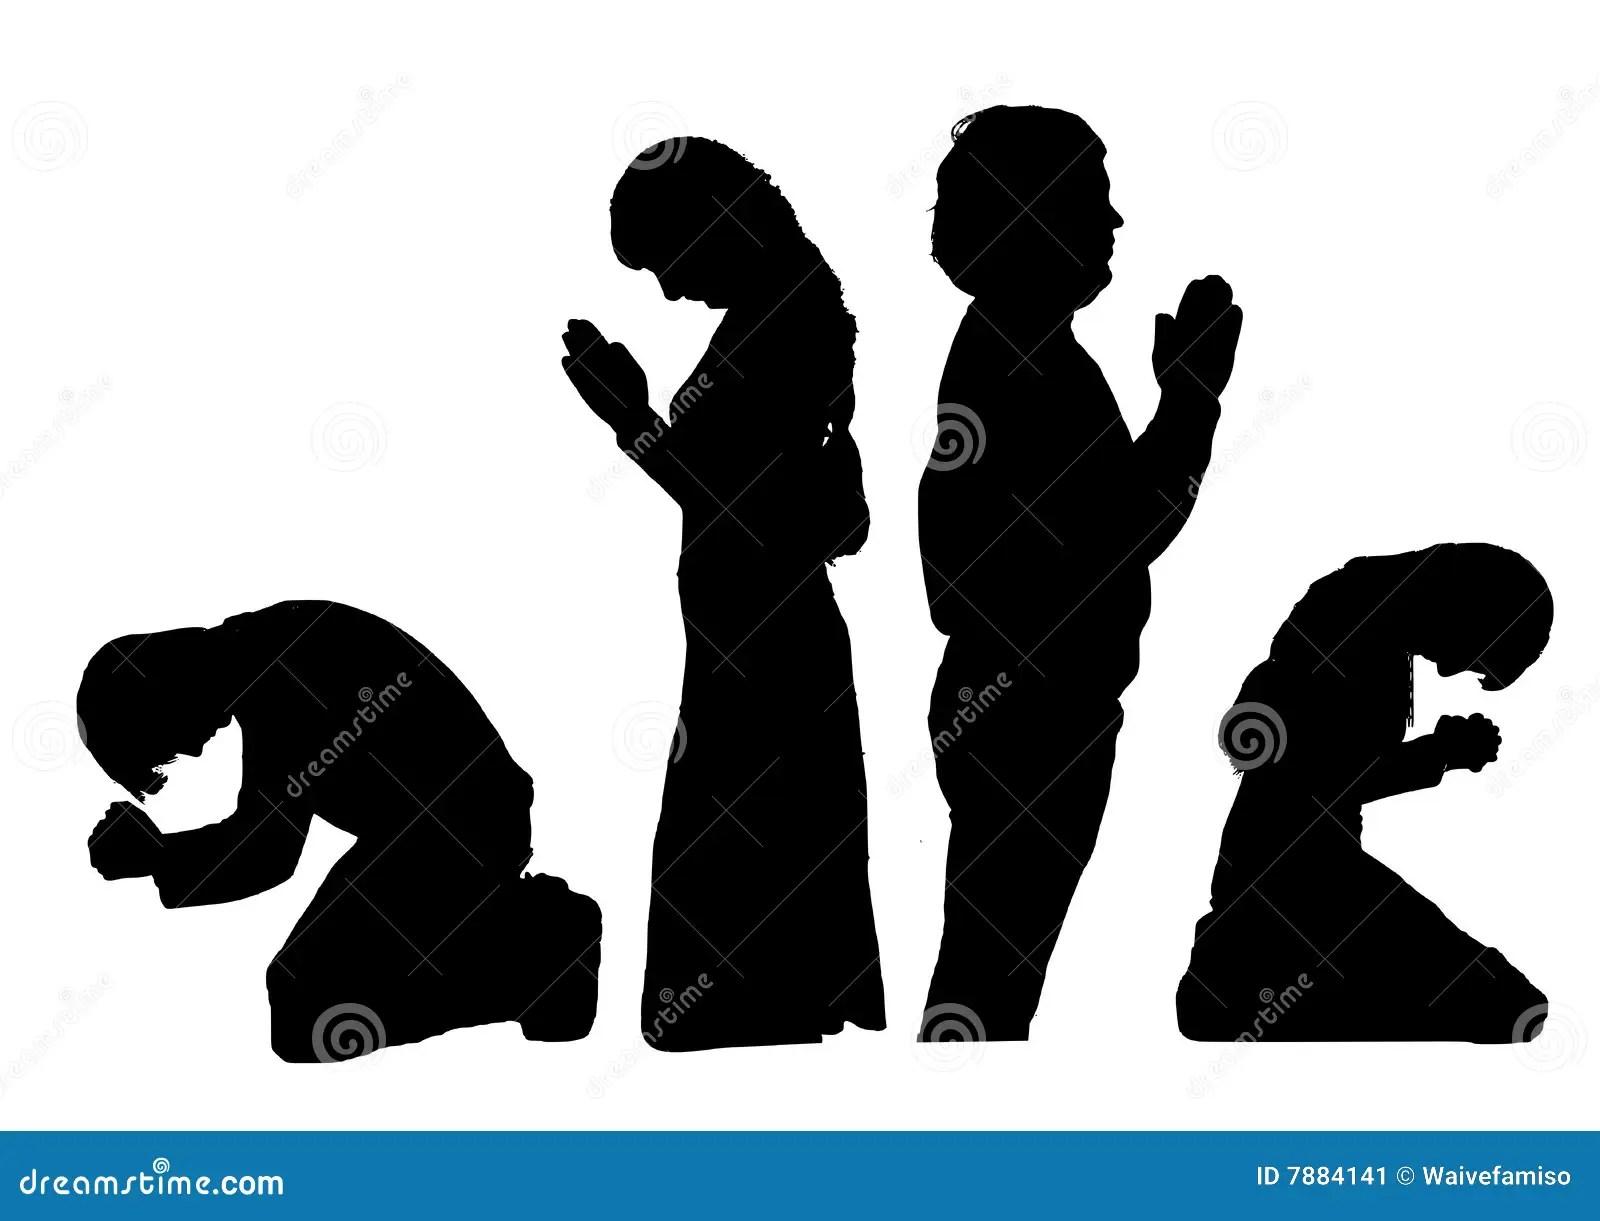 Praying Silhouettes Stock Image - Image: 7884141